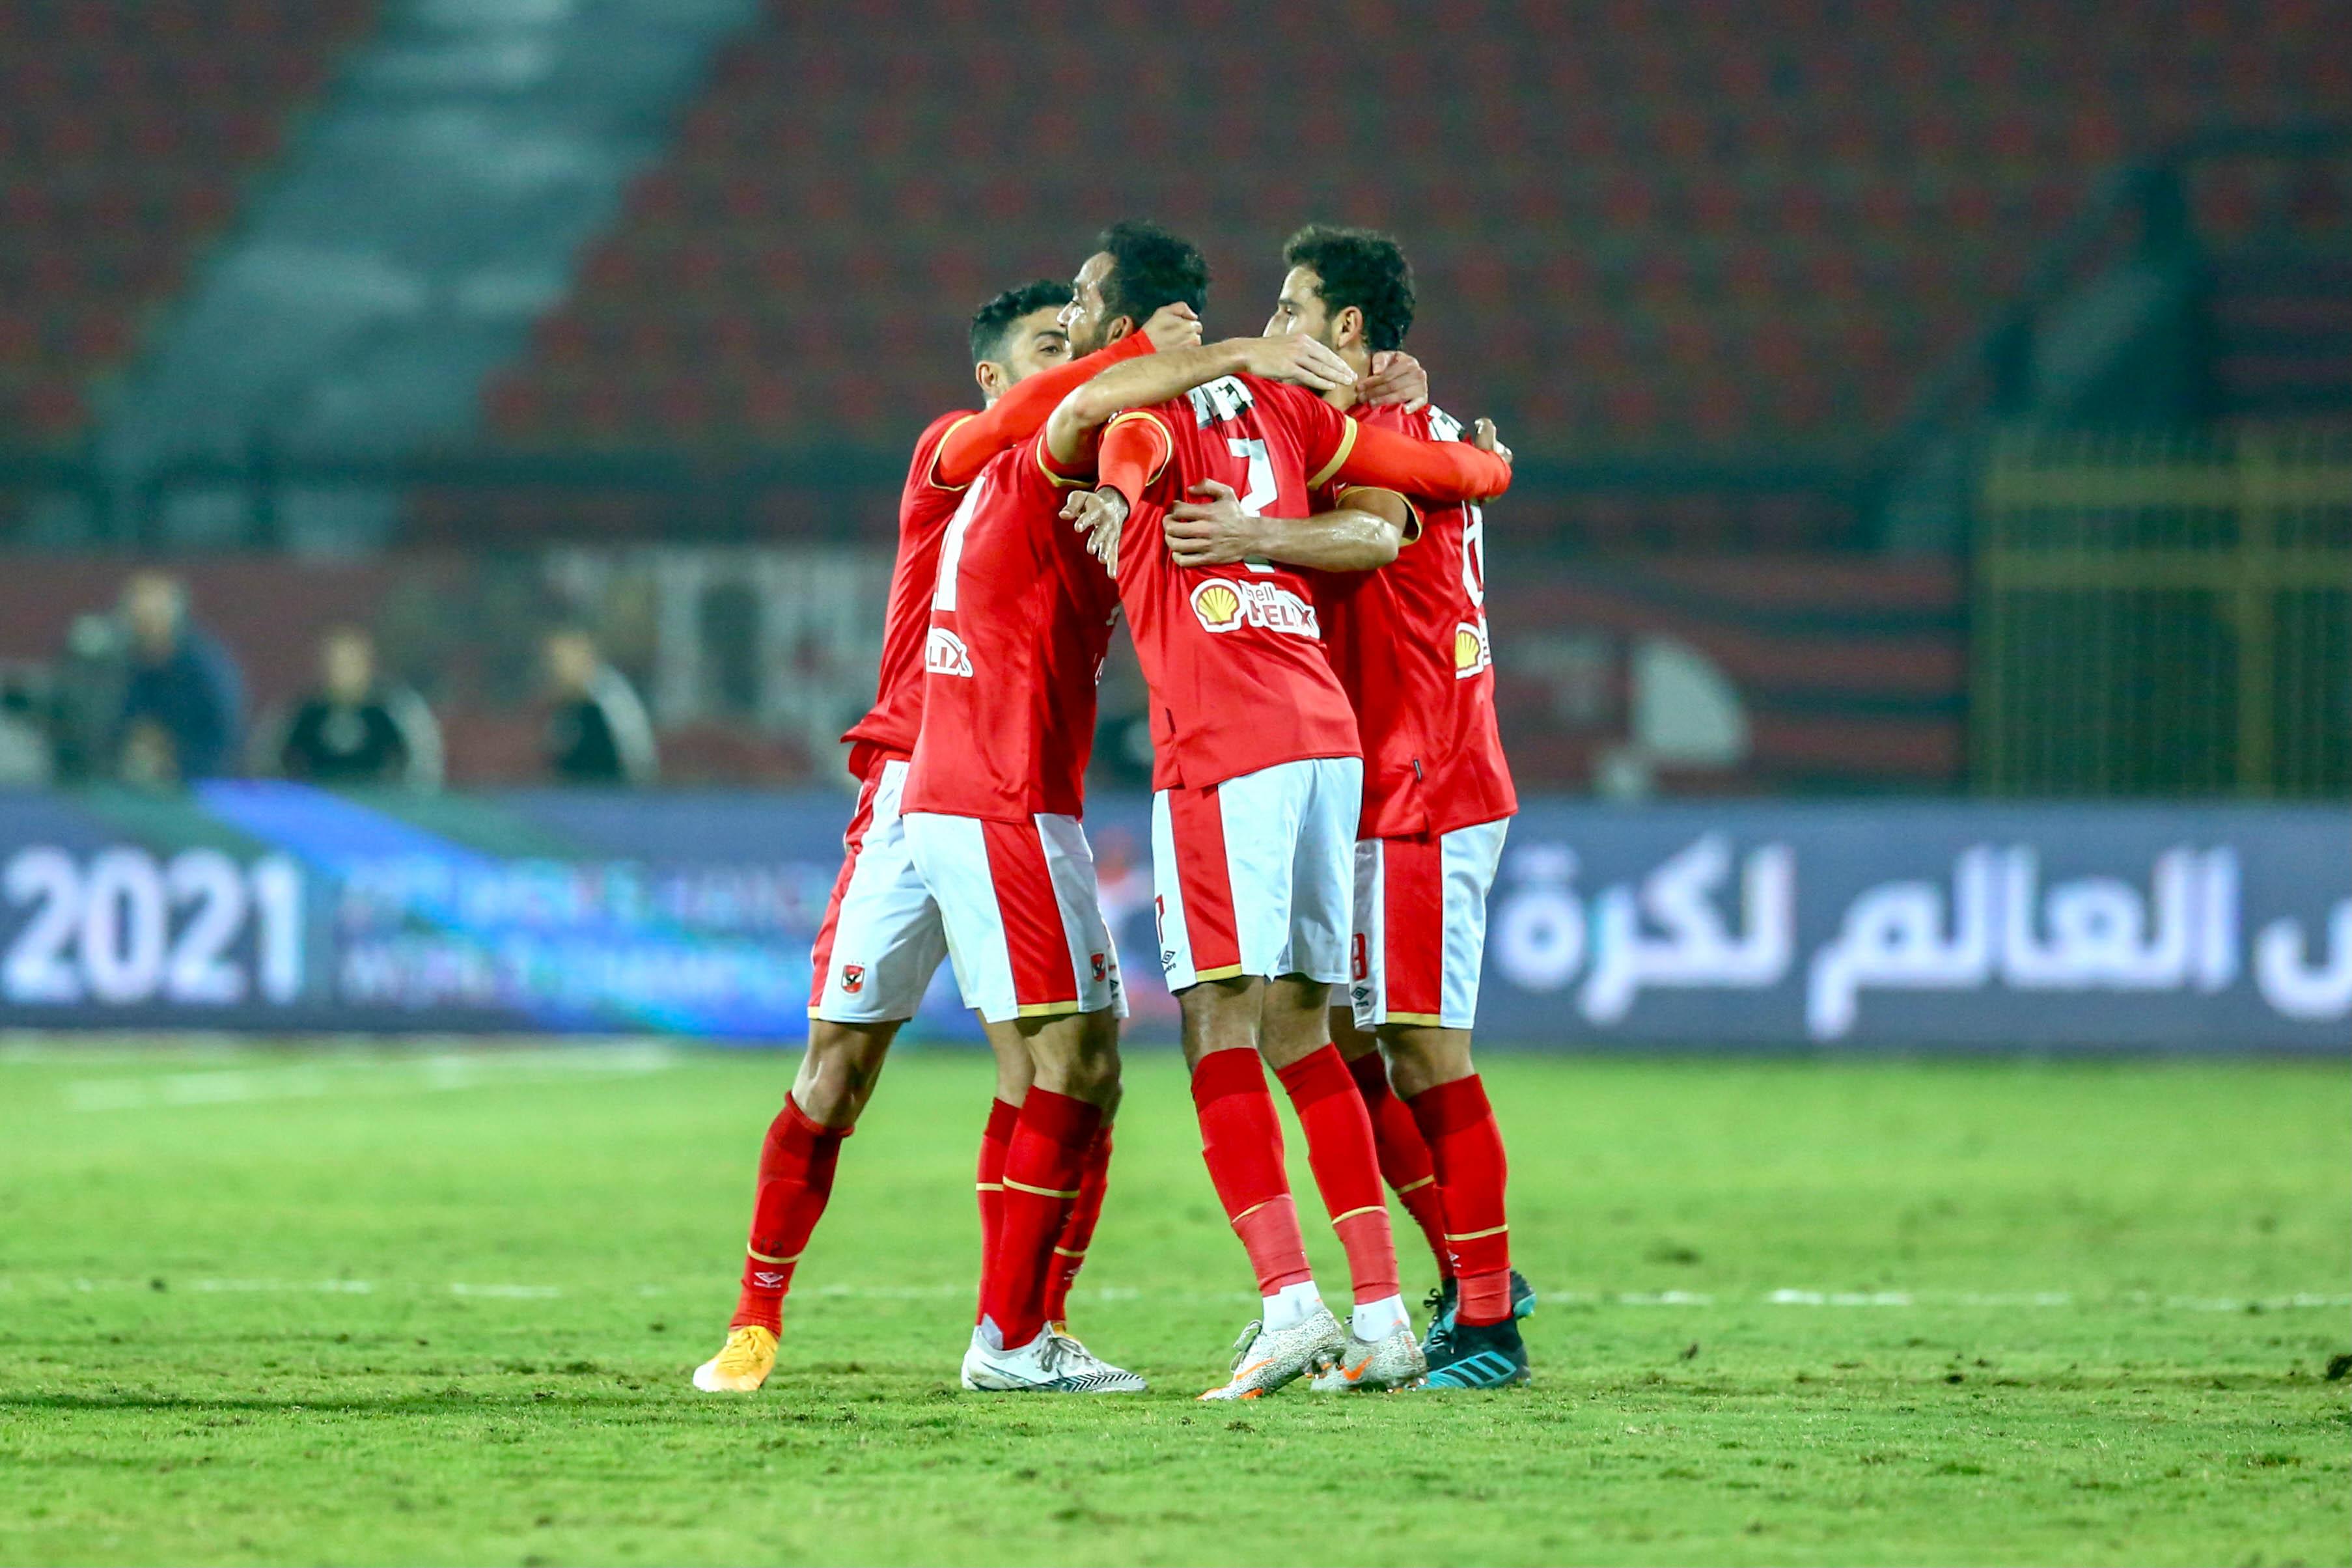 الأهلي يسعى لاستعادة قمة الدوري المصري في مواجهة المقاولون